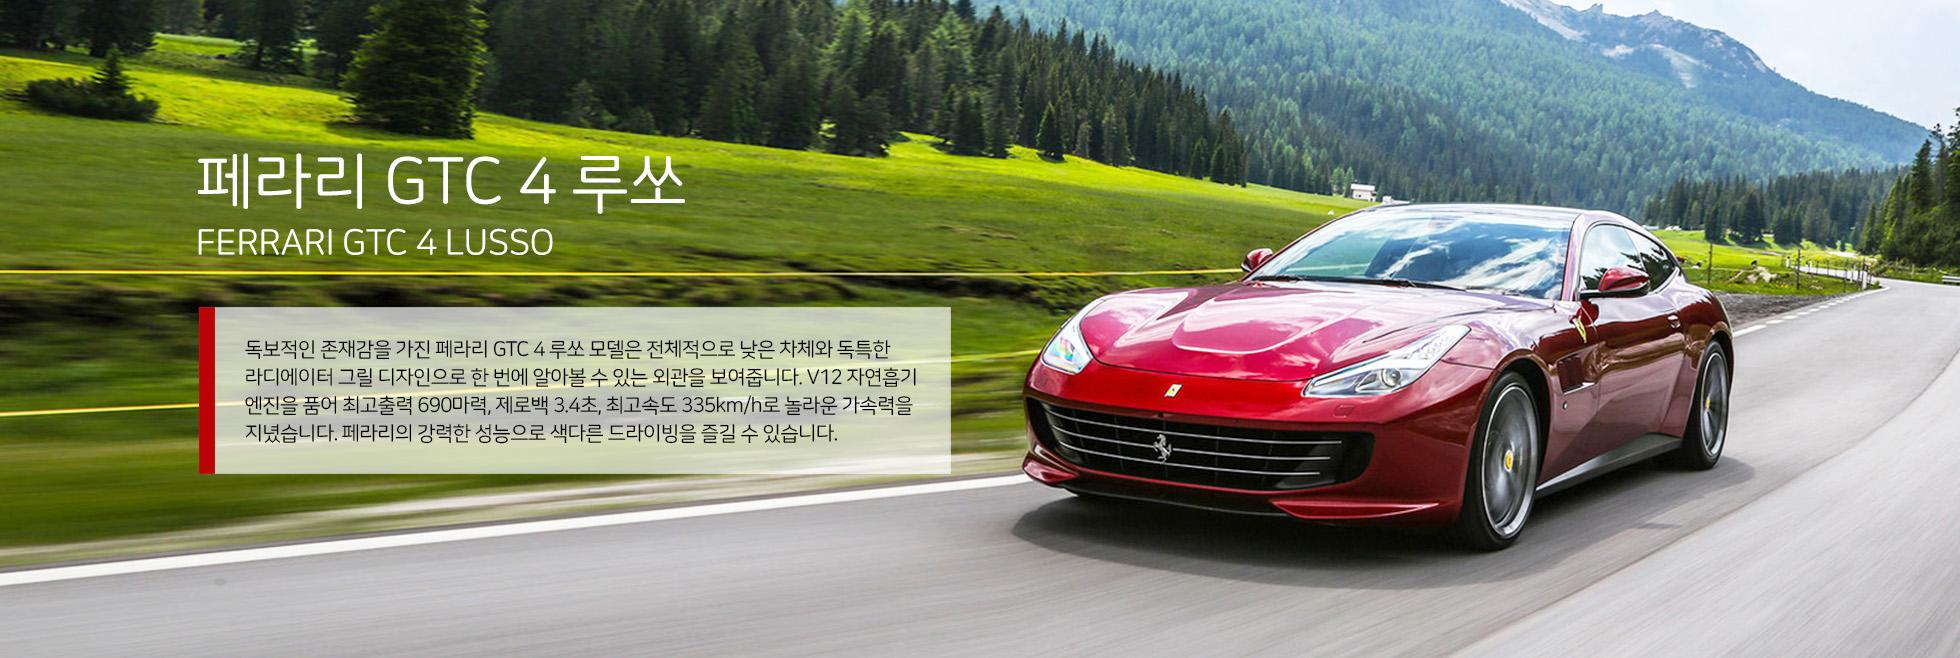 페라리-GTC 4 루쏘 설명-수정-01